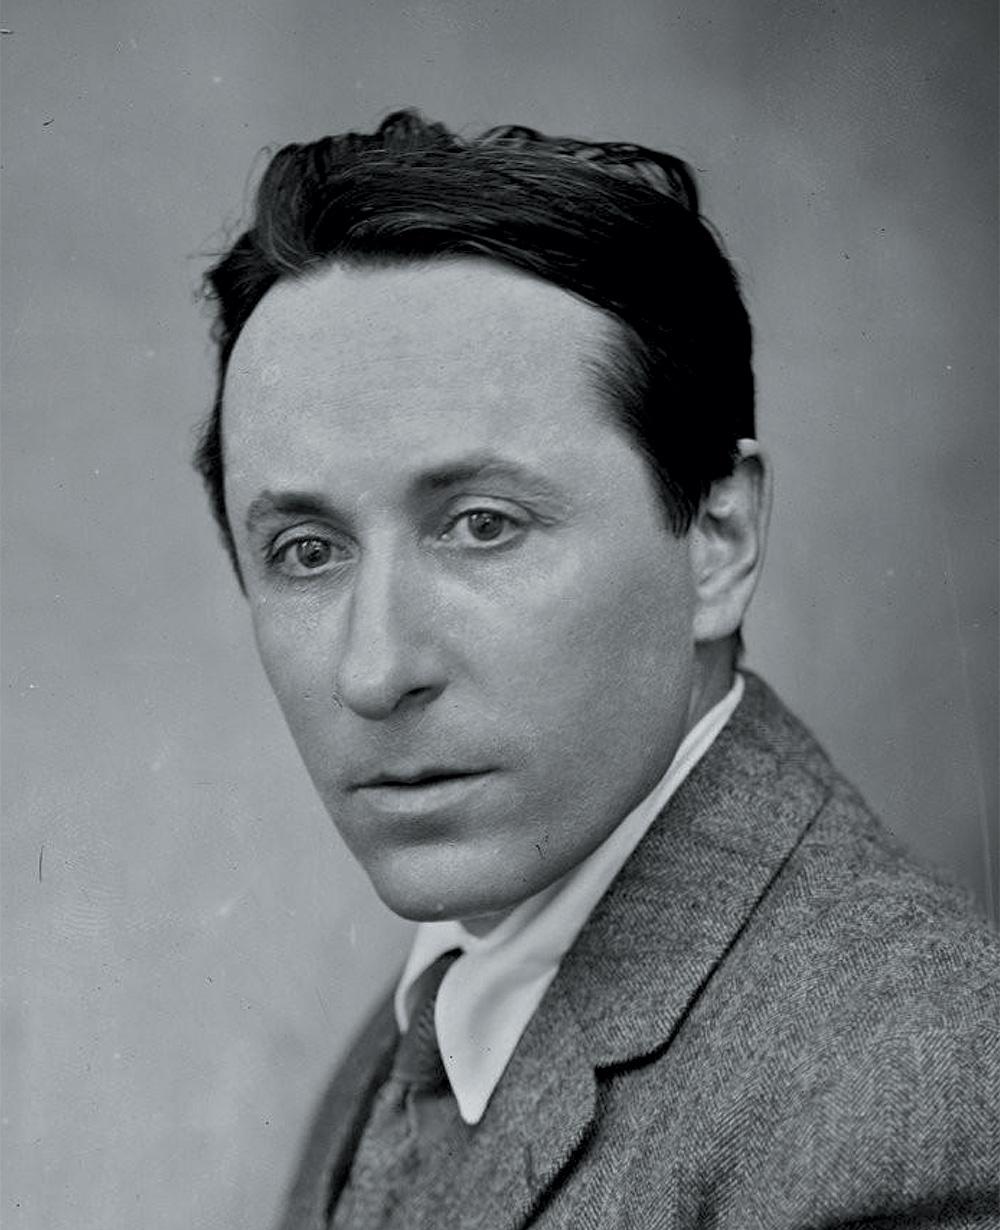 Détail de: M. Roland Dorgelès, 1924, photographie de presse, Agence Rol